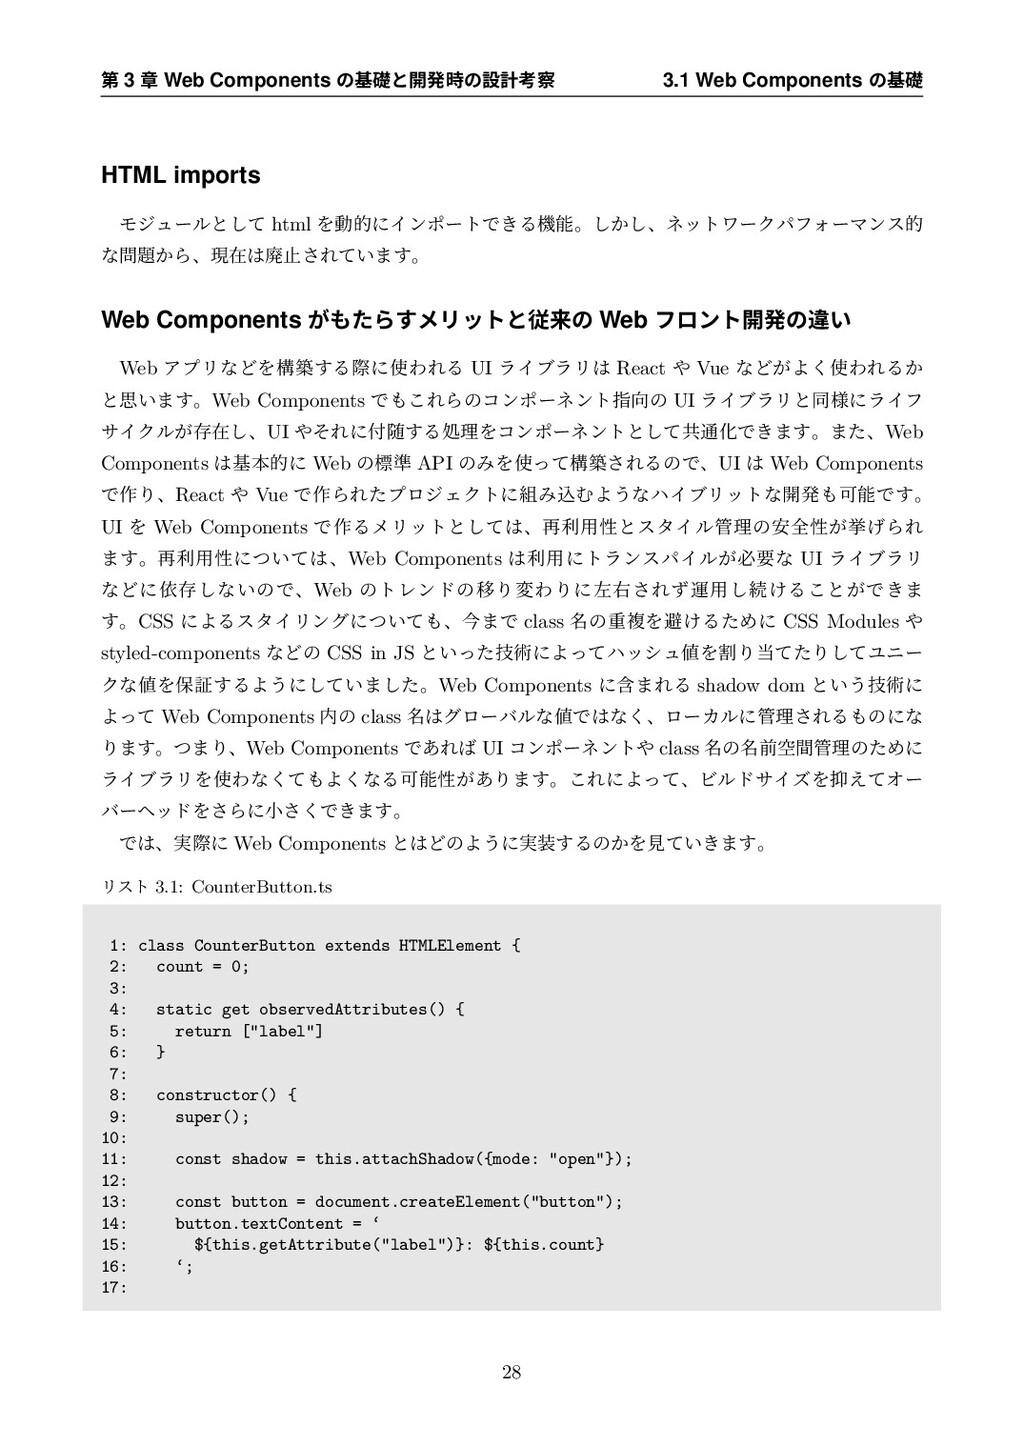 ୈ 3 ষ Web Components ͷجૅͱ։ൃͷઃܭߟ 3.1 Web Compo...